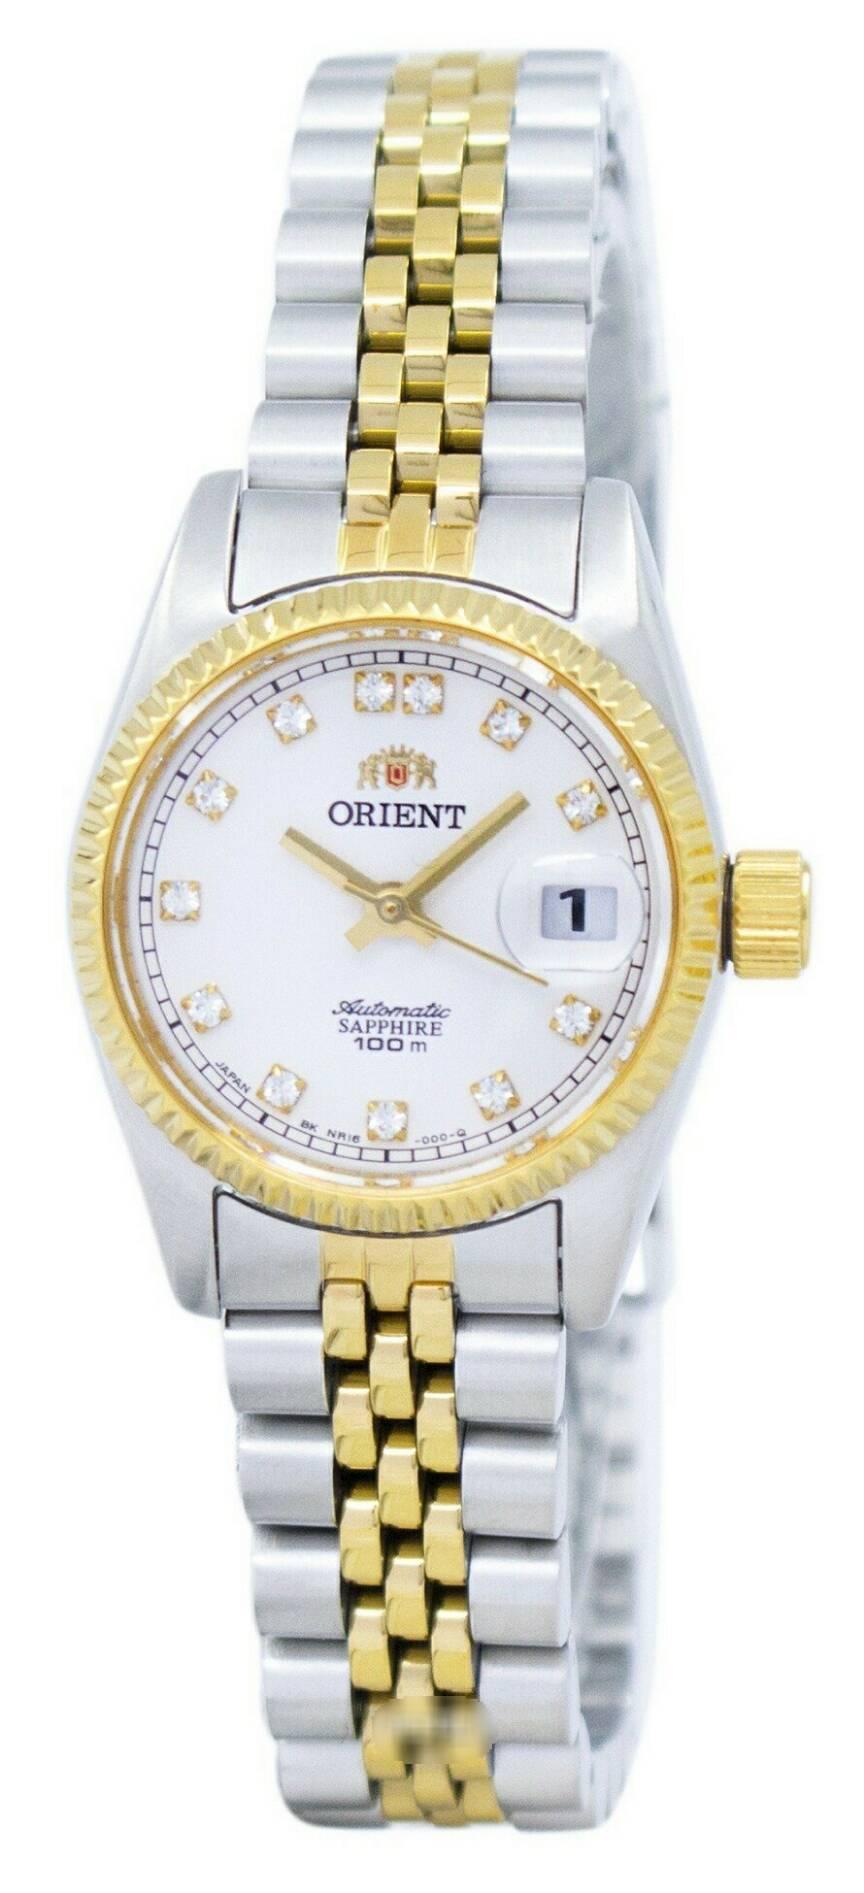 นาฬิกาผู้หญิง Orient รุ่น SNR16002W, Oyster Automatic Diamond Accent Women's Watch